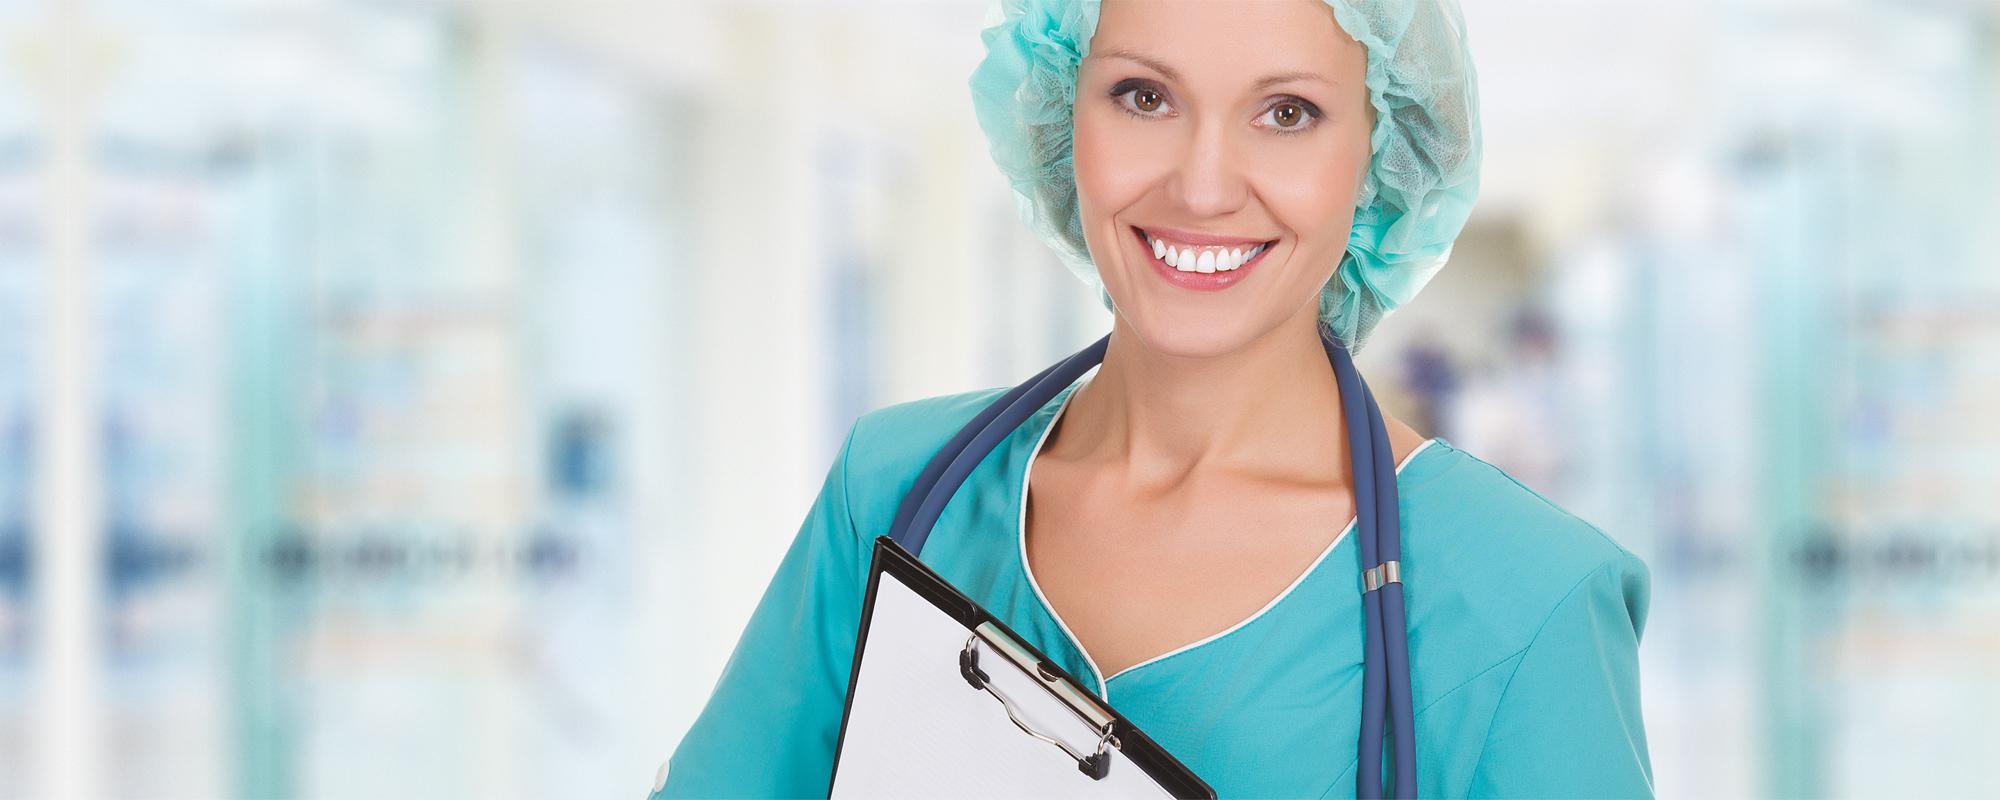 A maioria dos médicos <span>Indicam palmilhas ortopédicas</span>